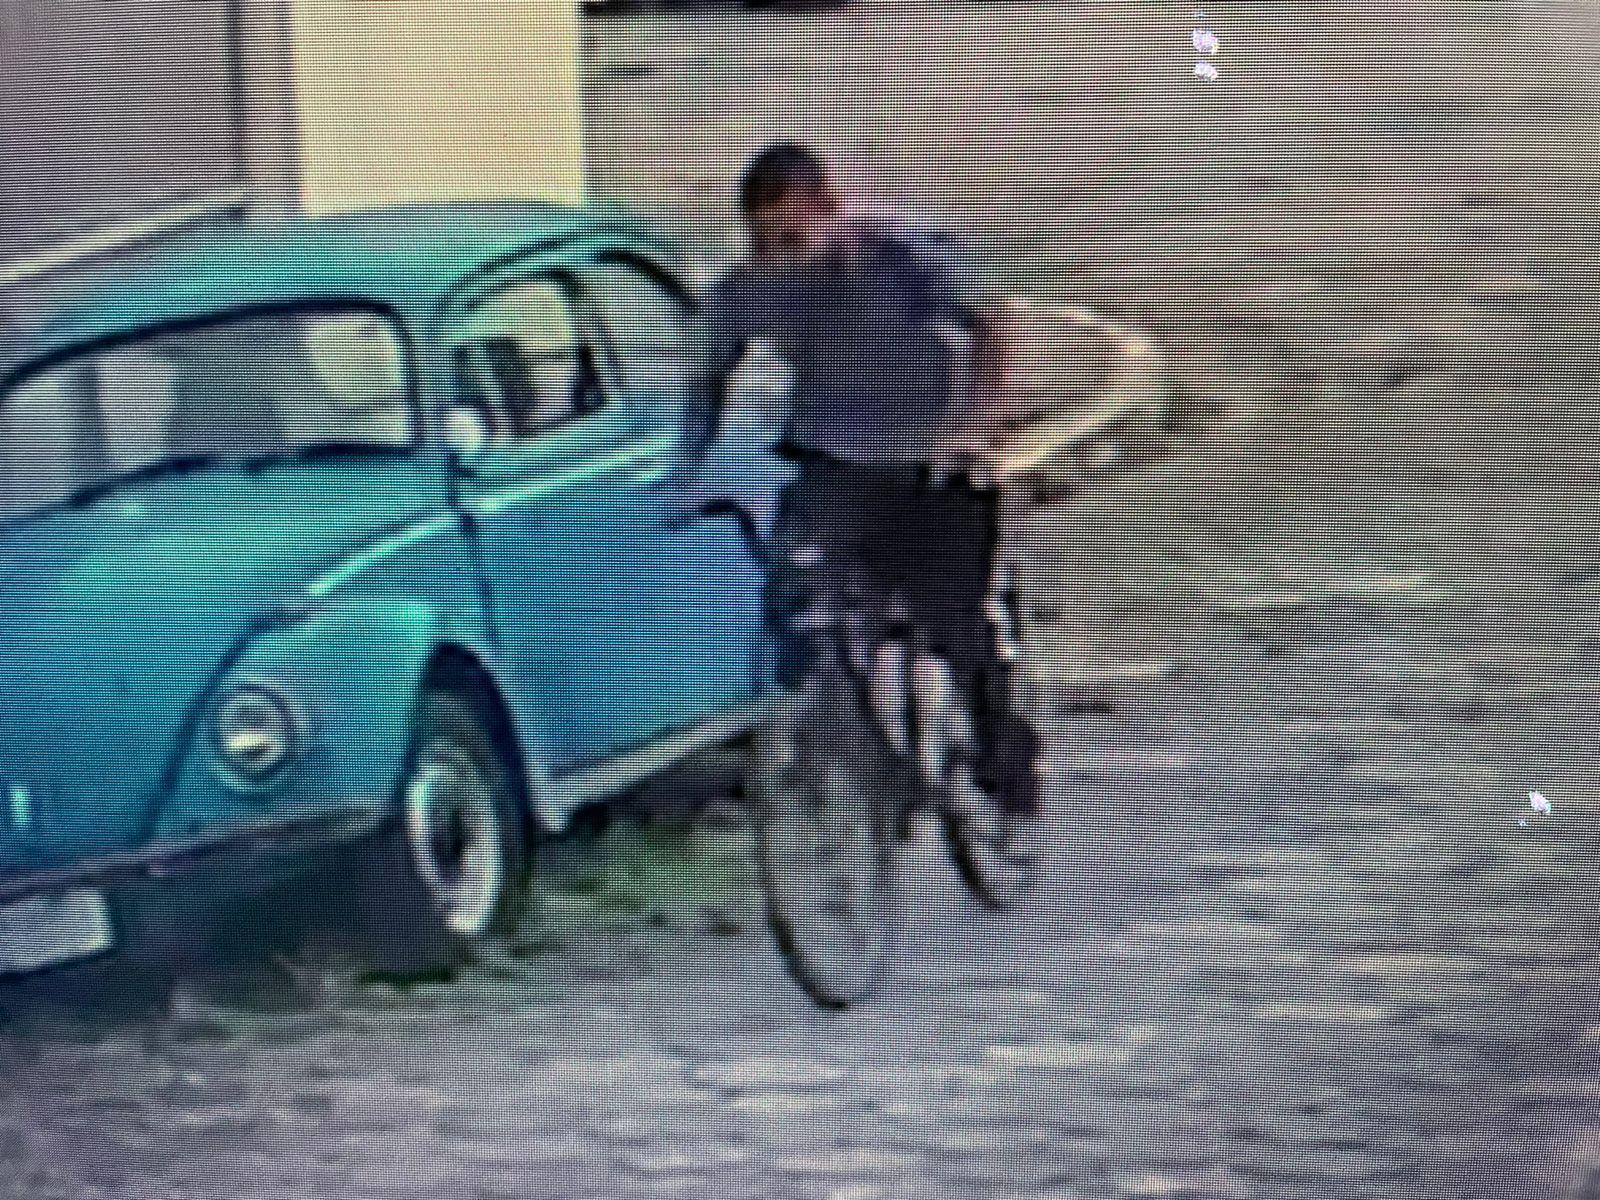 Assaltante tenta arrancar aliança do dedo de mulher, em Praia Grande; vídeo   Santa Portal